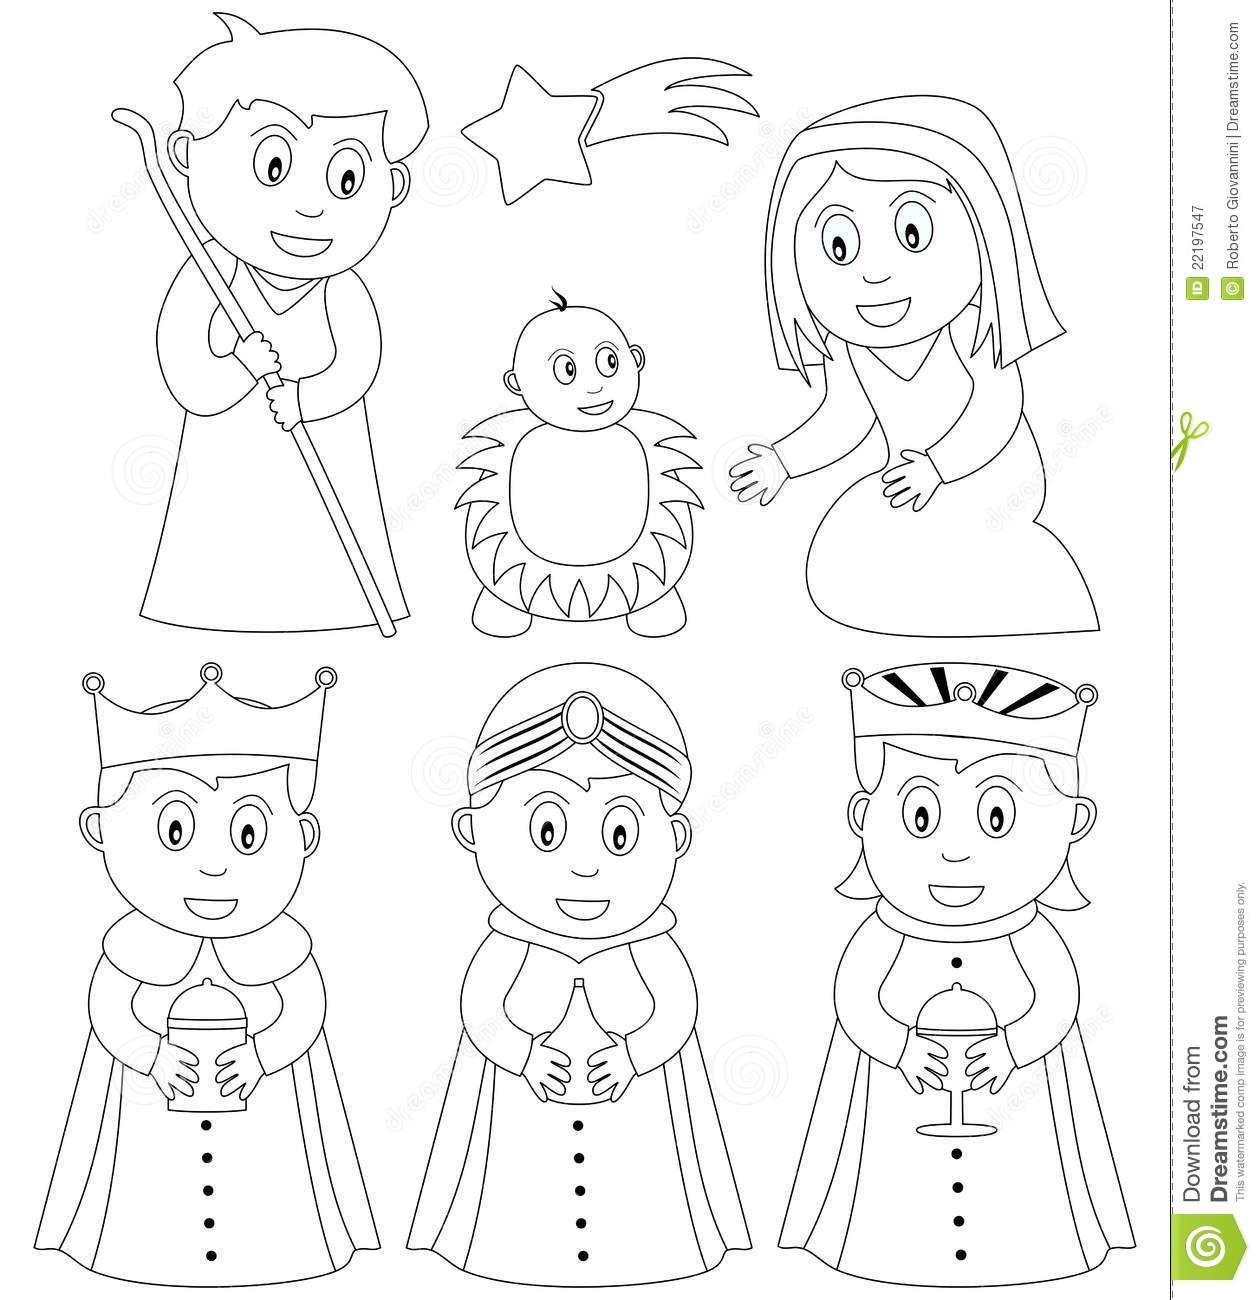 Dibujos para colorear del nacimiento de Jesús en un pesebre de Belén ...